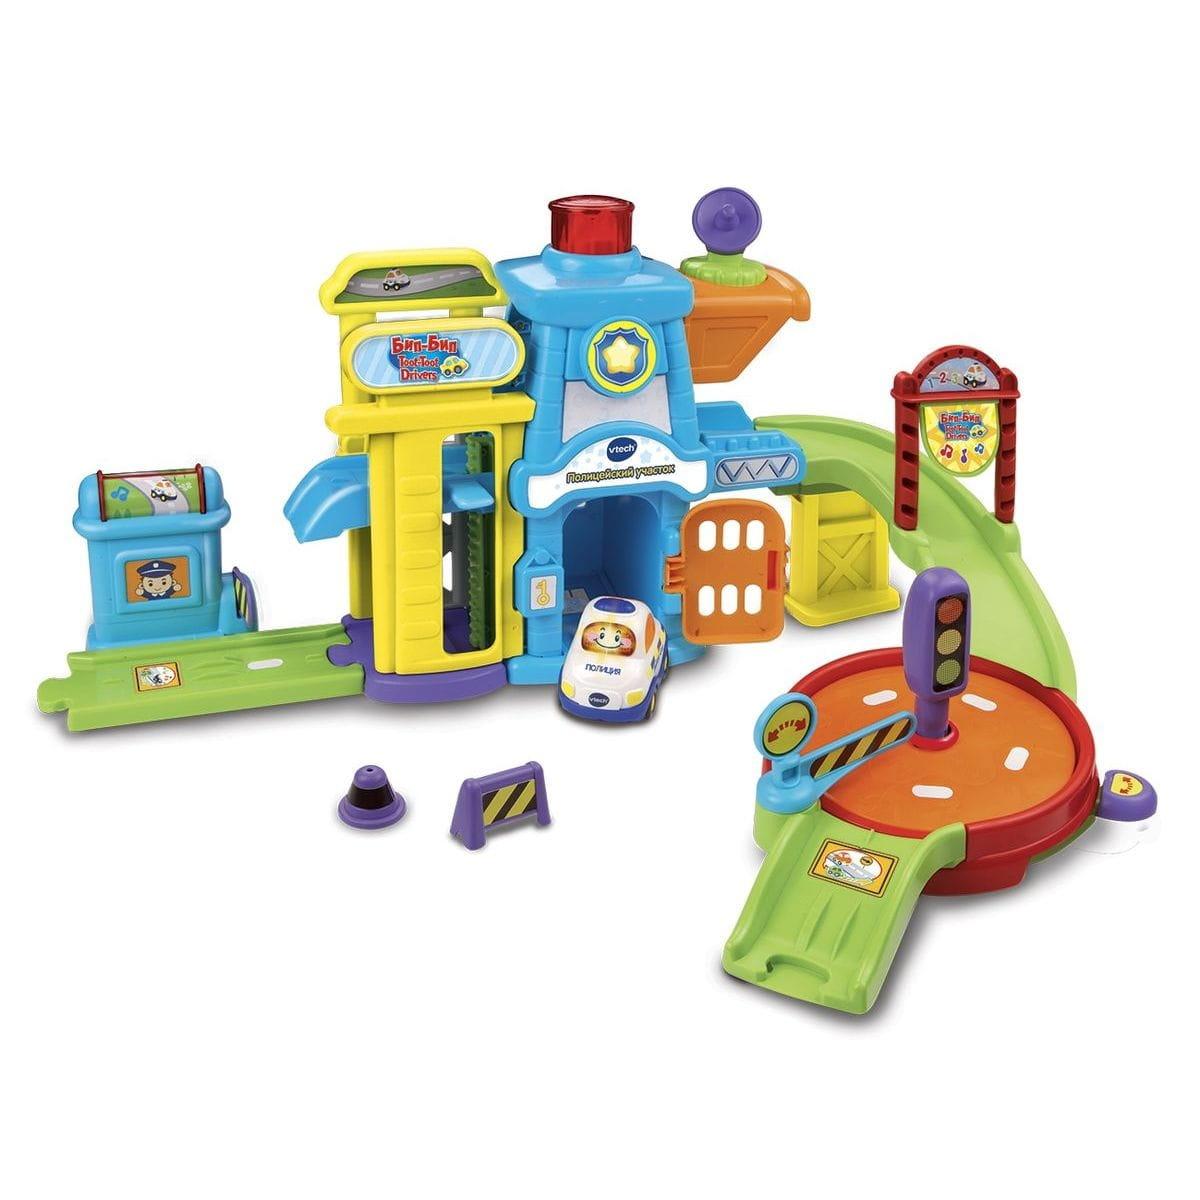 Игровой набор VTECH Полицейский участок - Игровые наборы для мальчиков